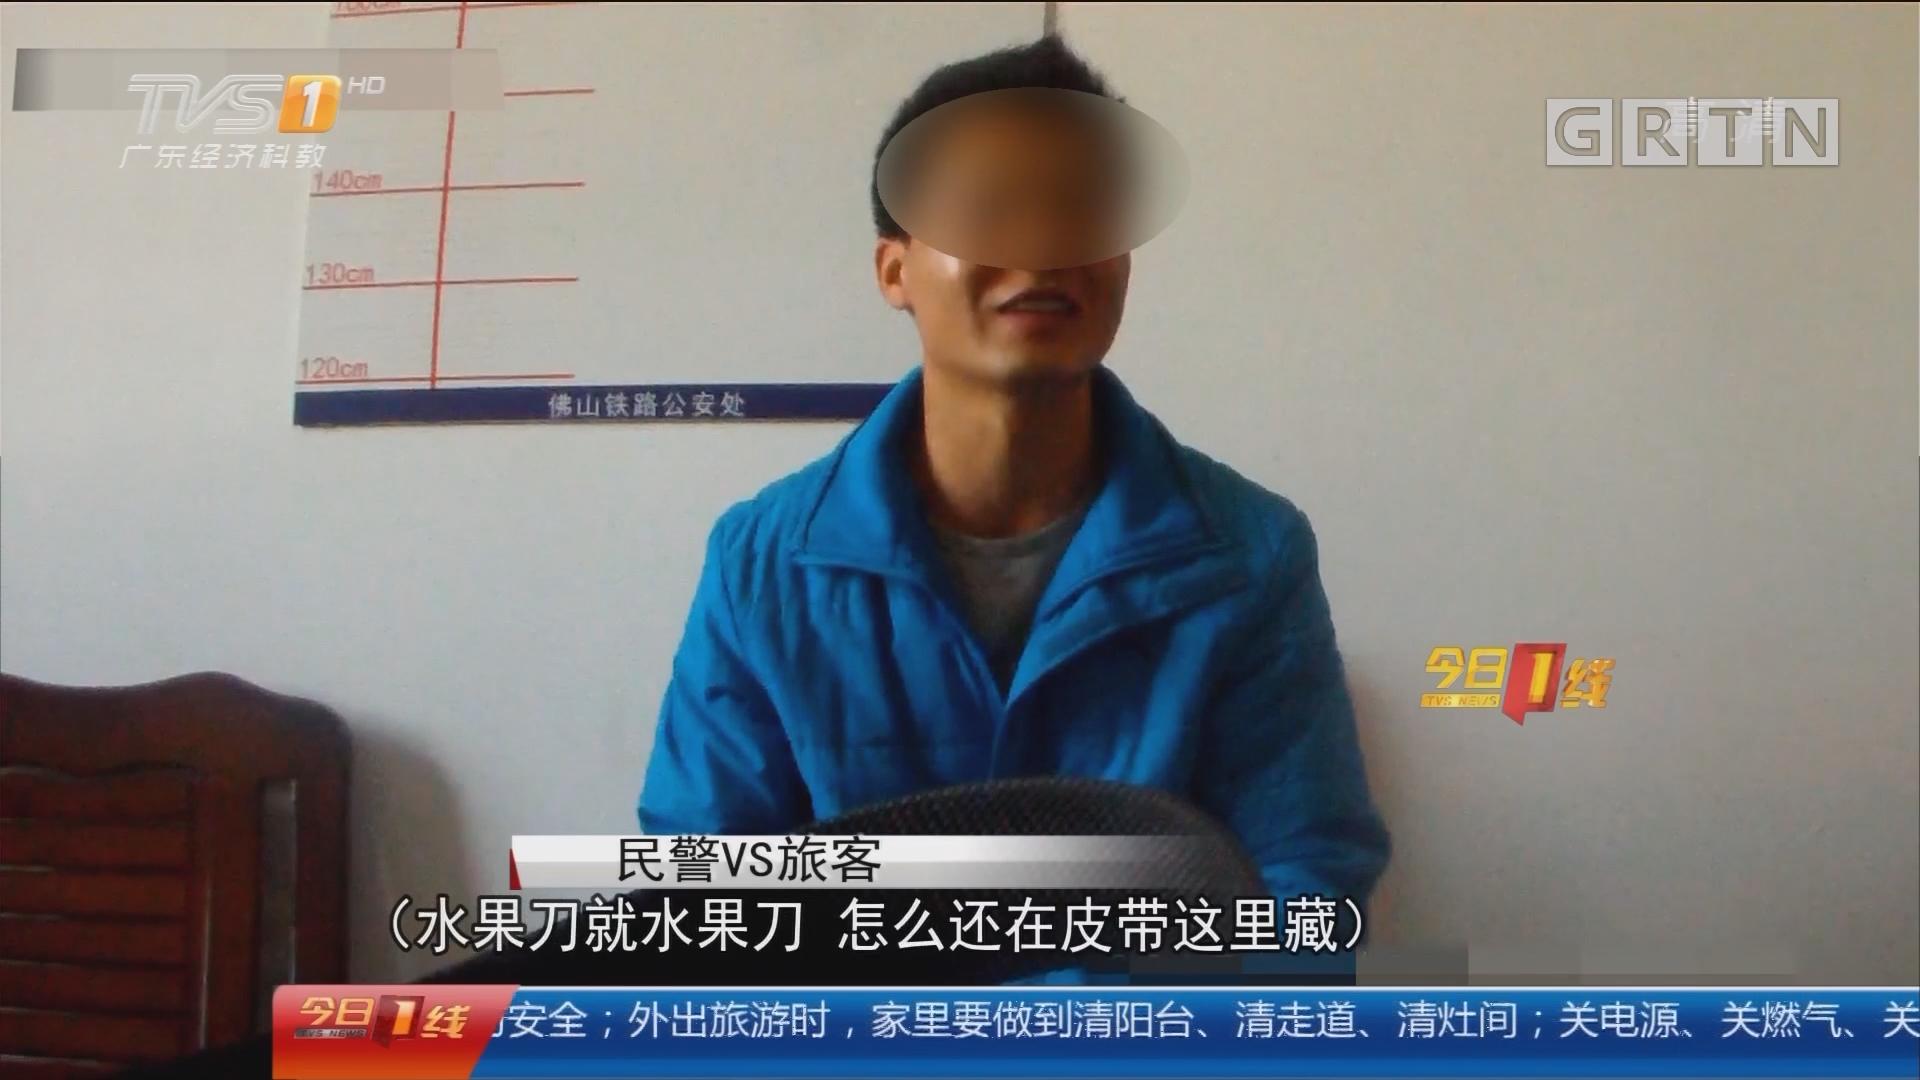 云浮郁南:皮带中暗藏刀具 搭高铁进站被抓